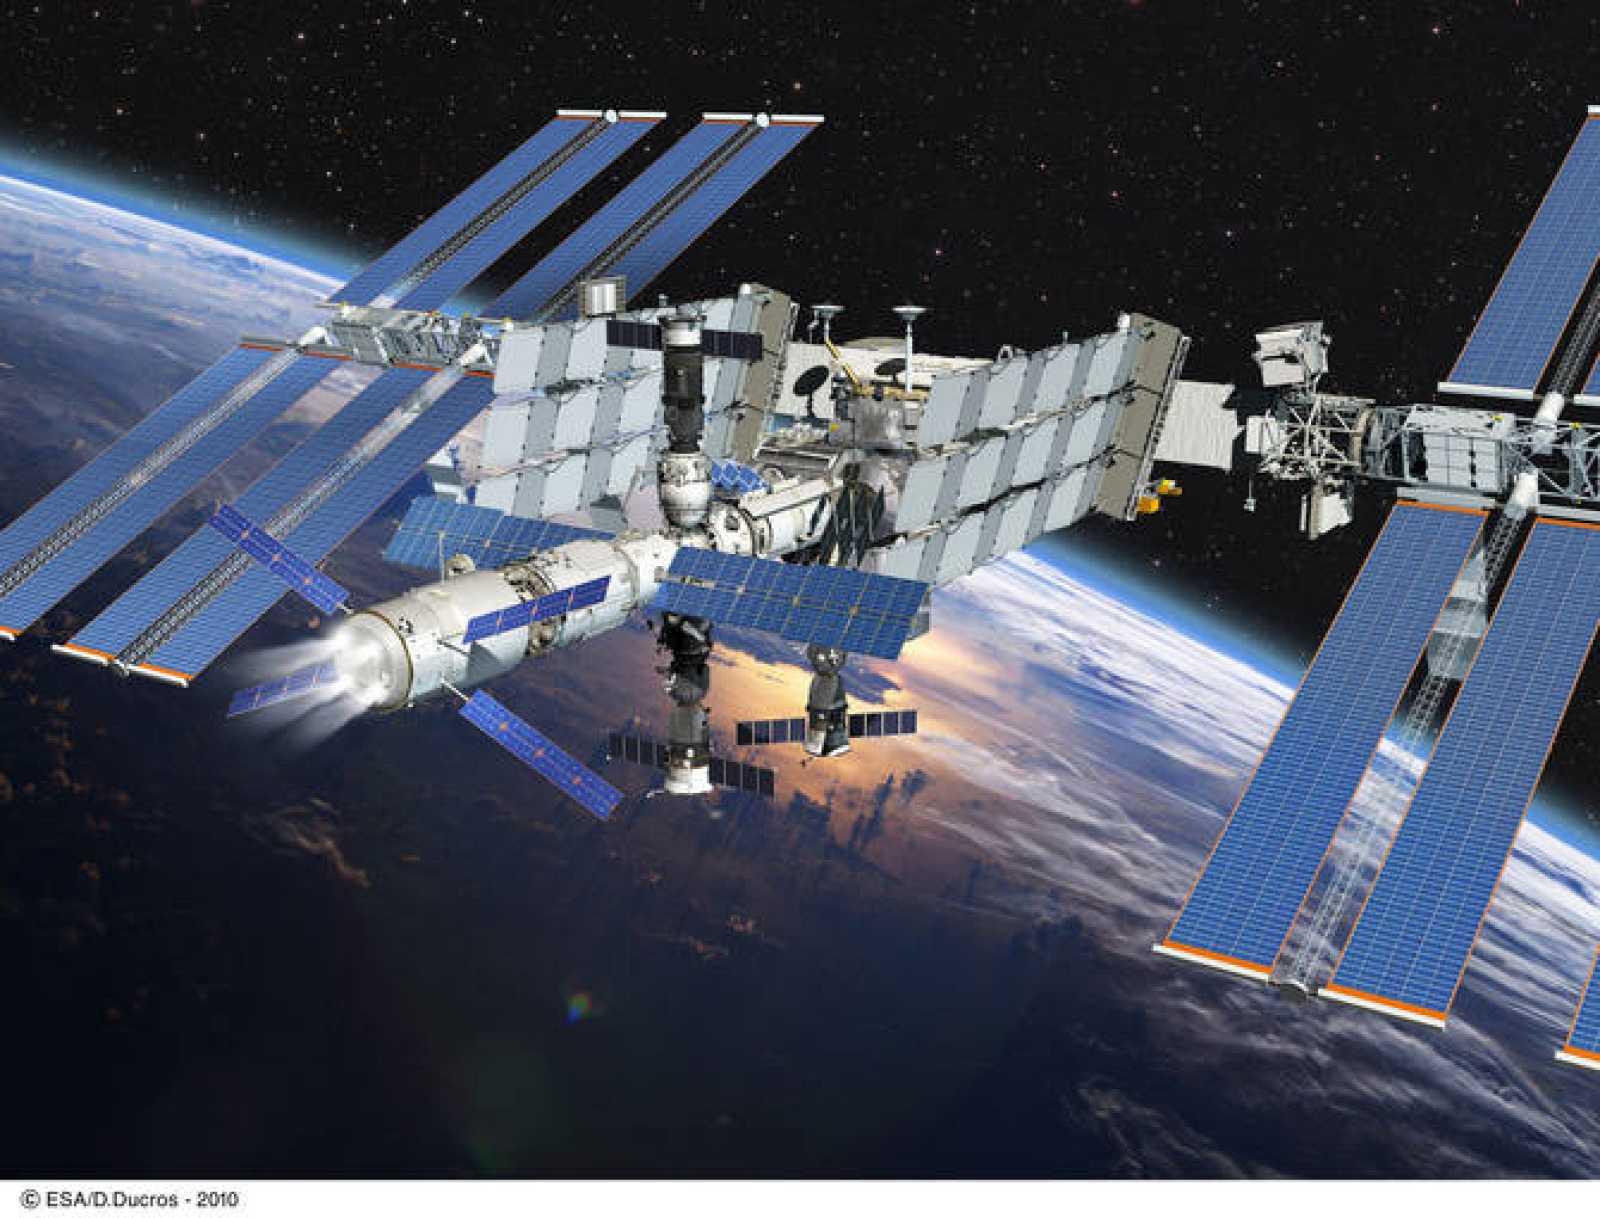 Impresión artística de un ATV durante una maniobra de aumento de altura de la órbita de la EEI